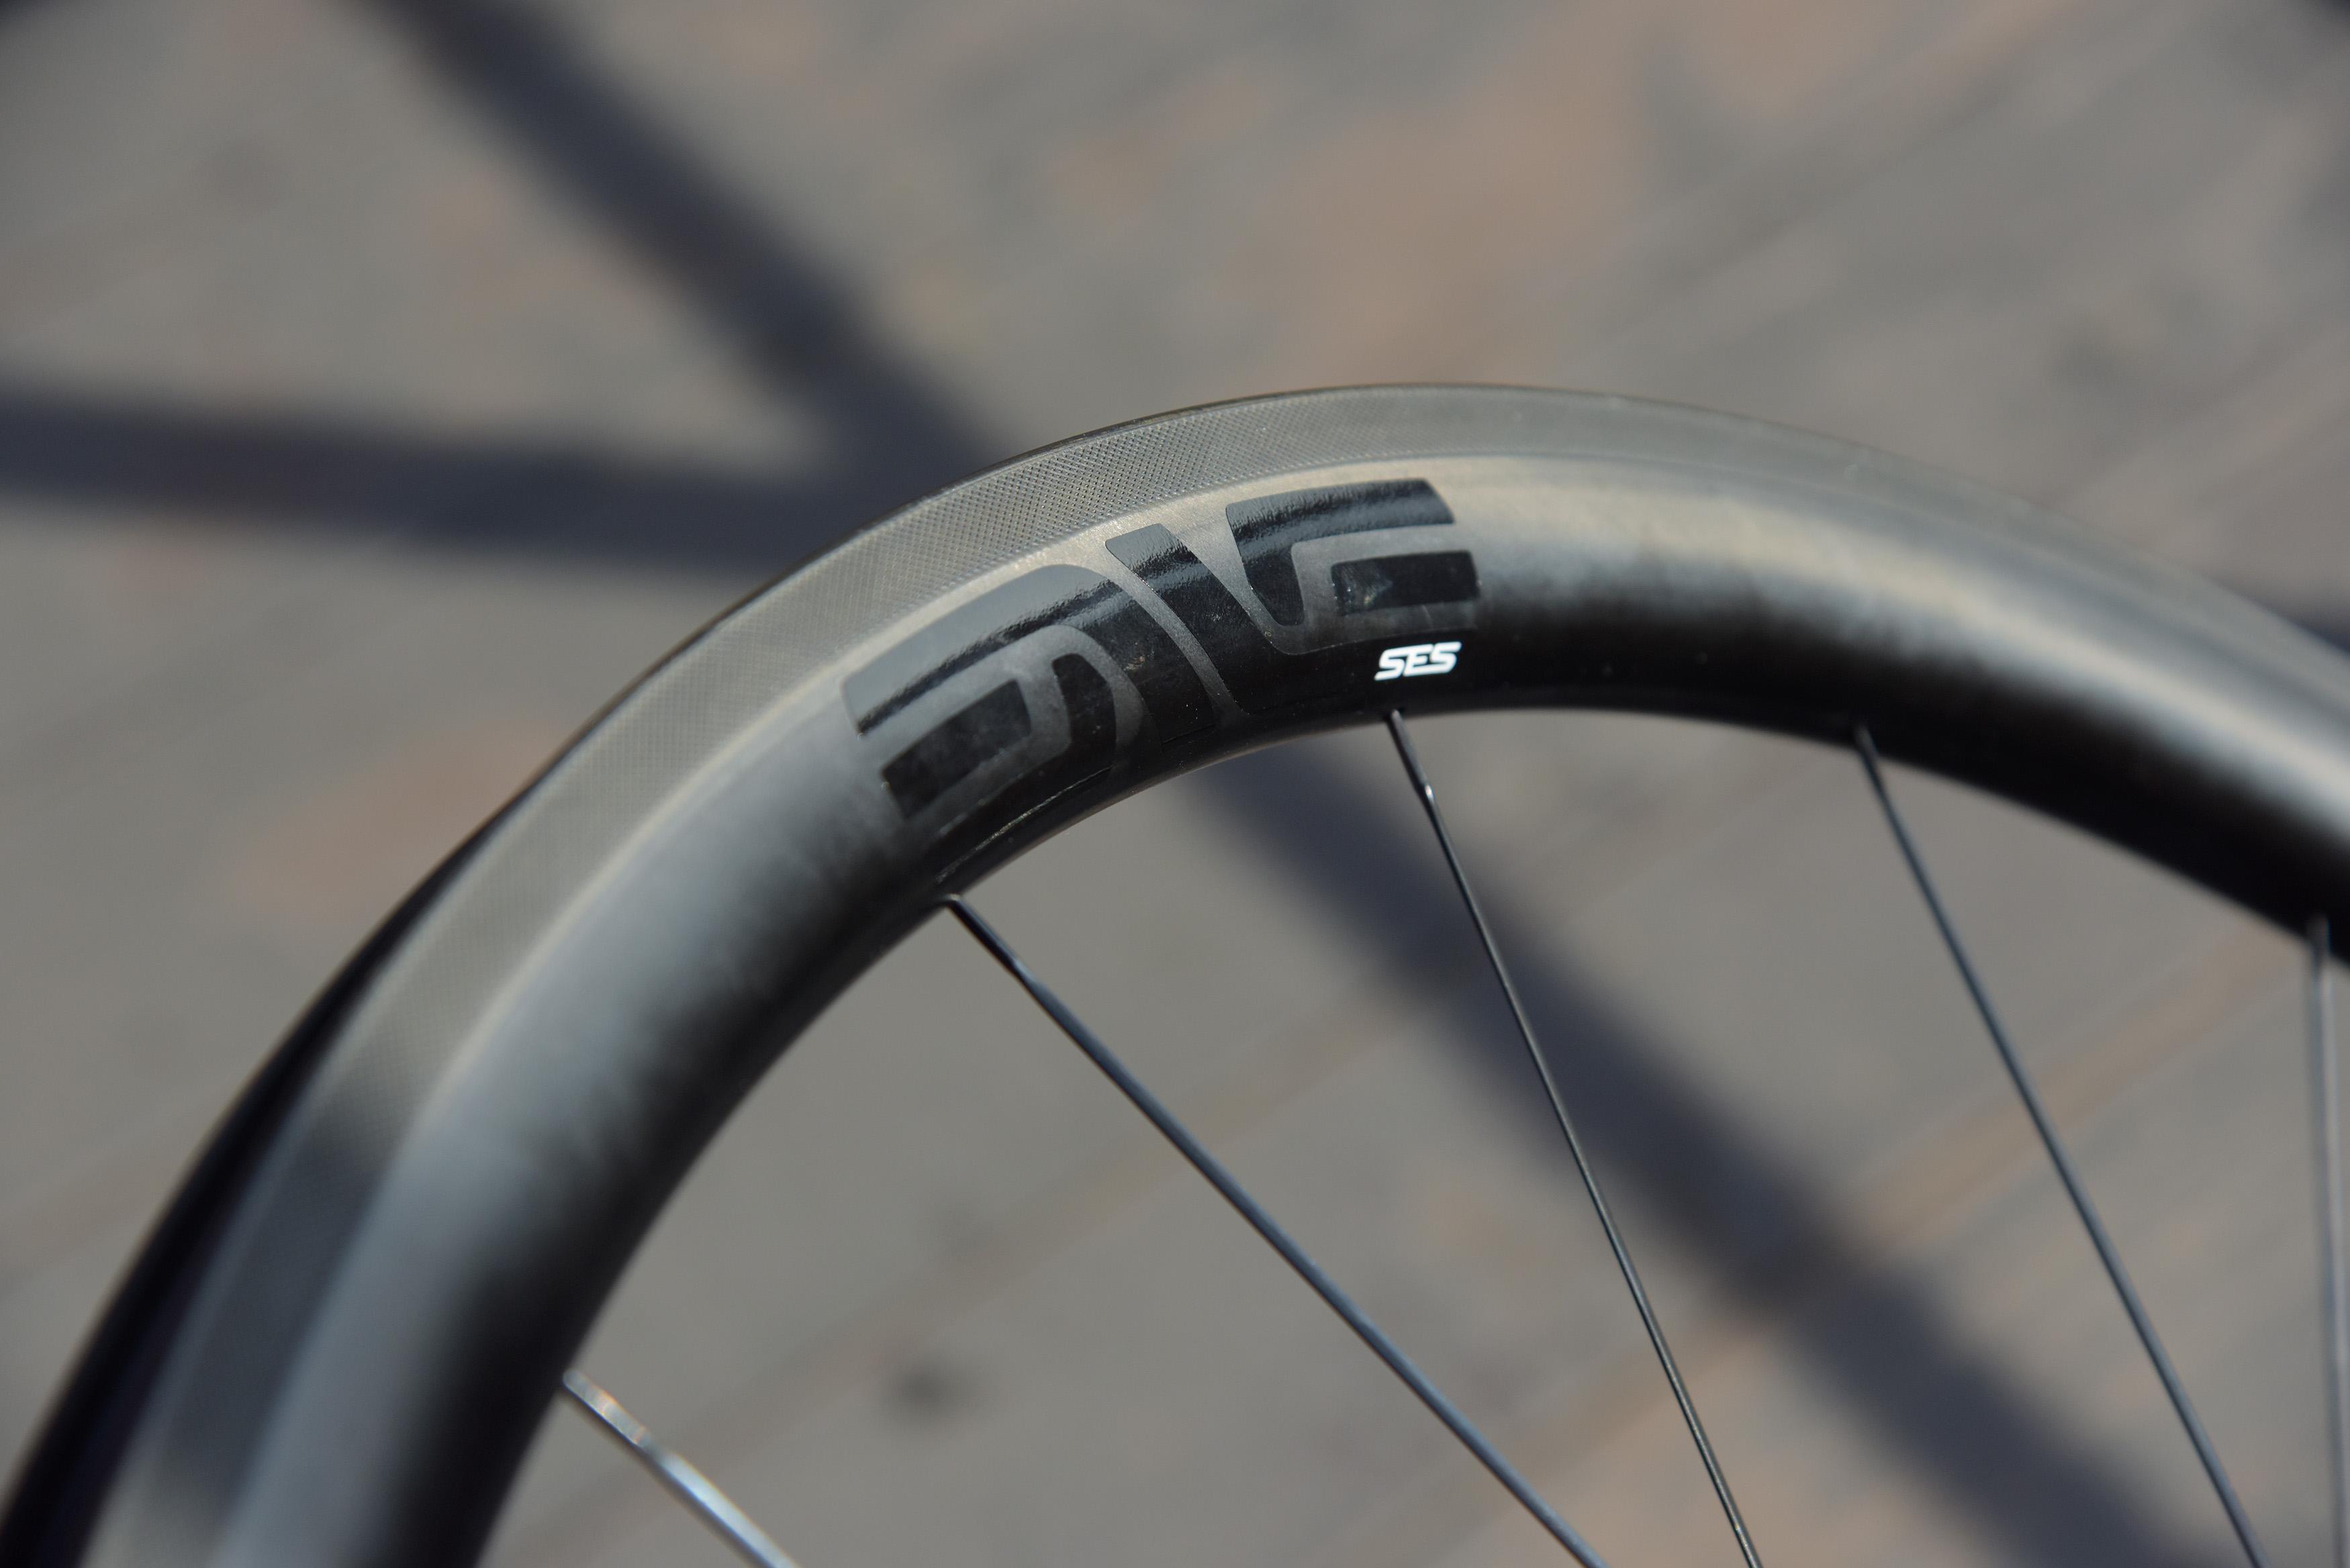 Presentazione ruote ENVE SES 3.4